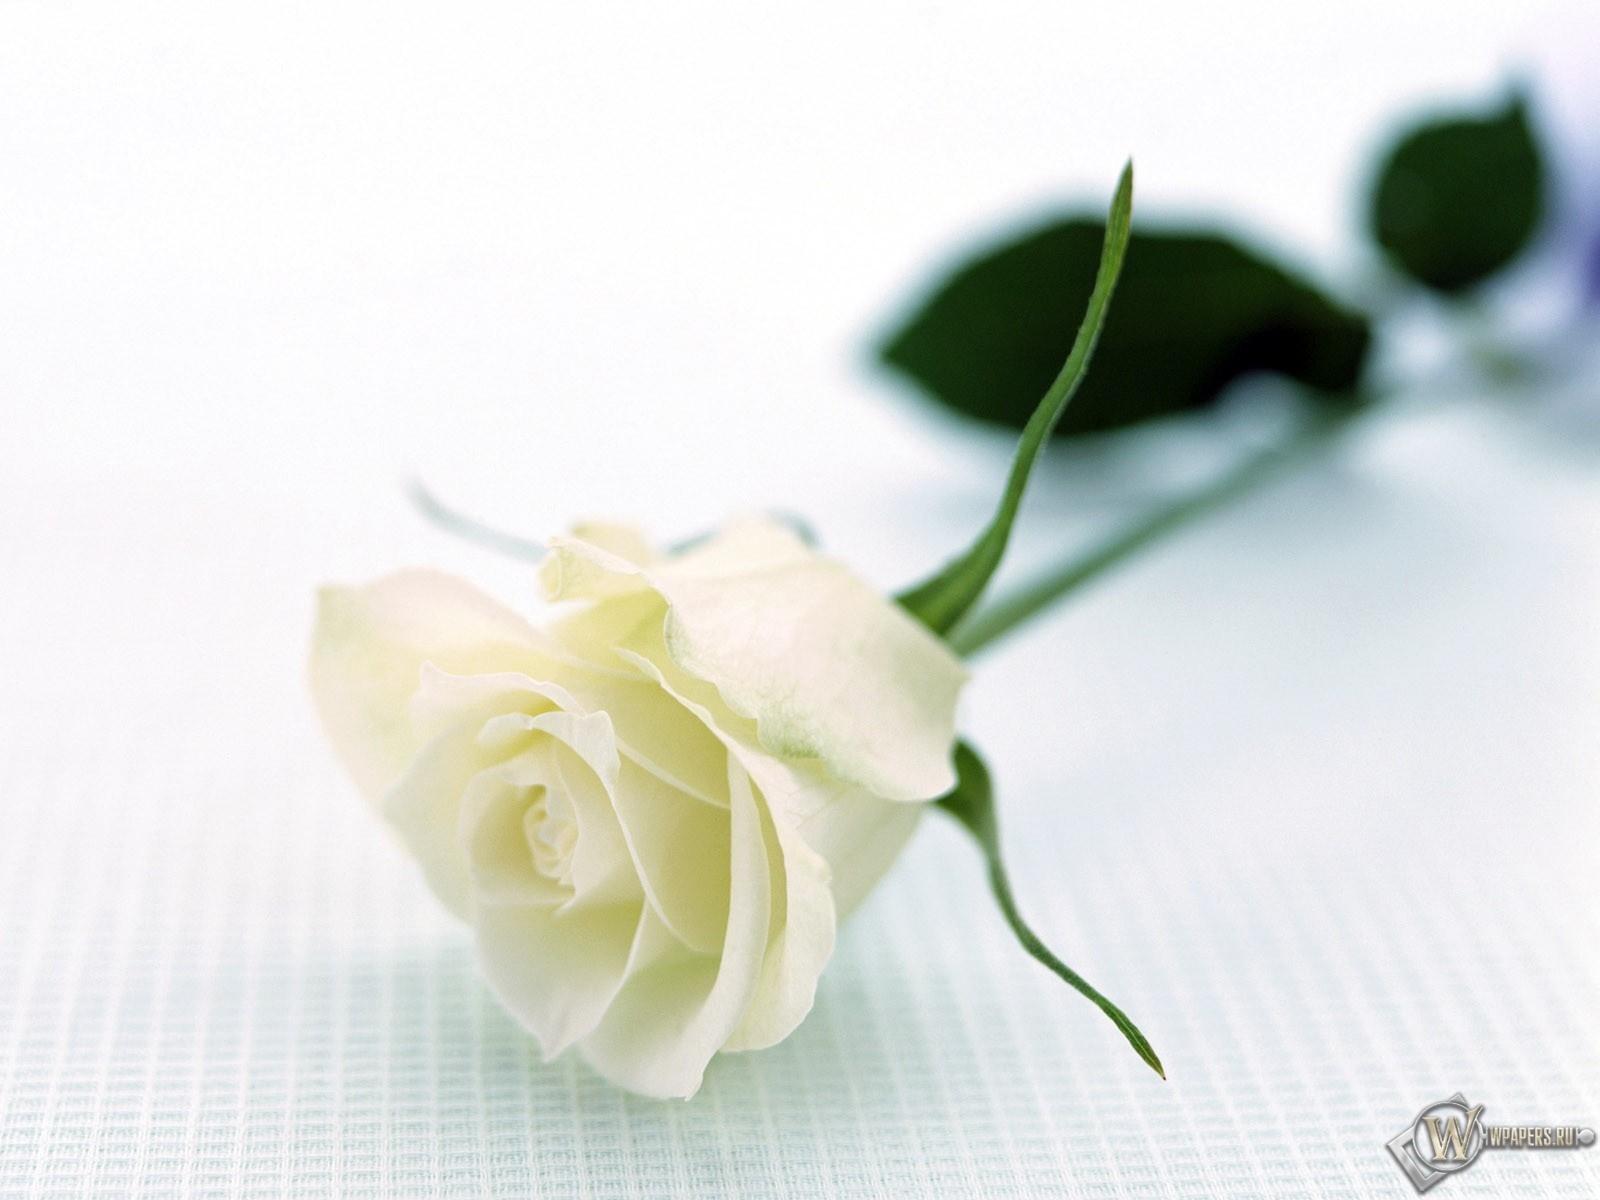 Белая роза 1600x1200